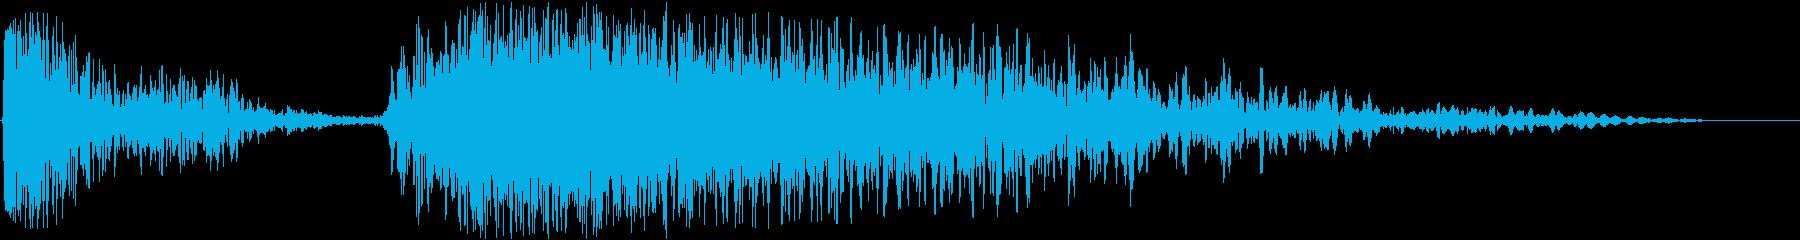 ミュートされたソフト爆発またはバー...の再生済みの波形